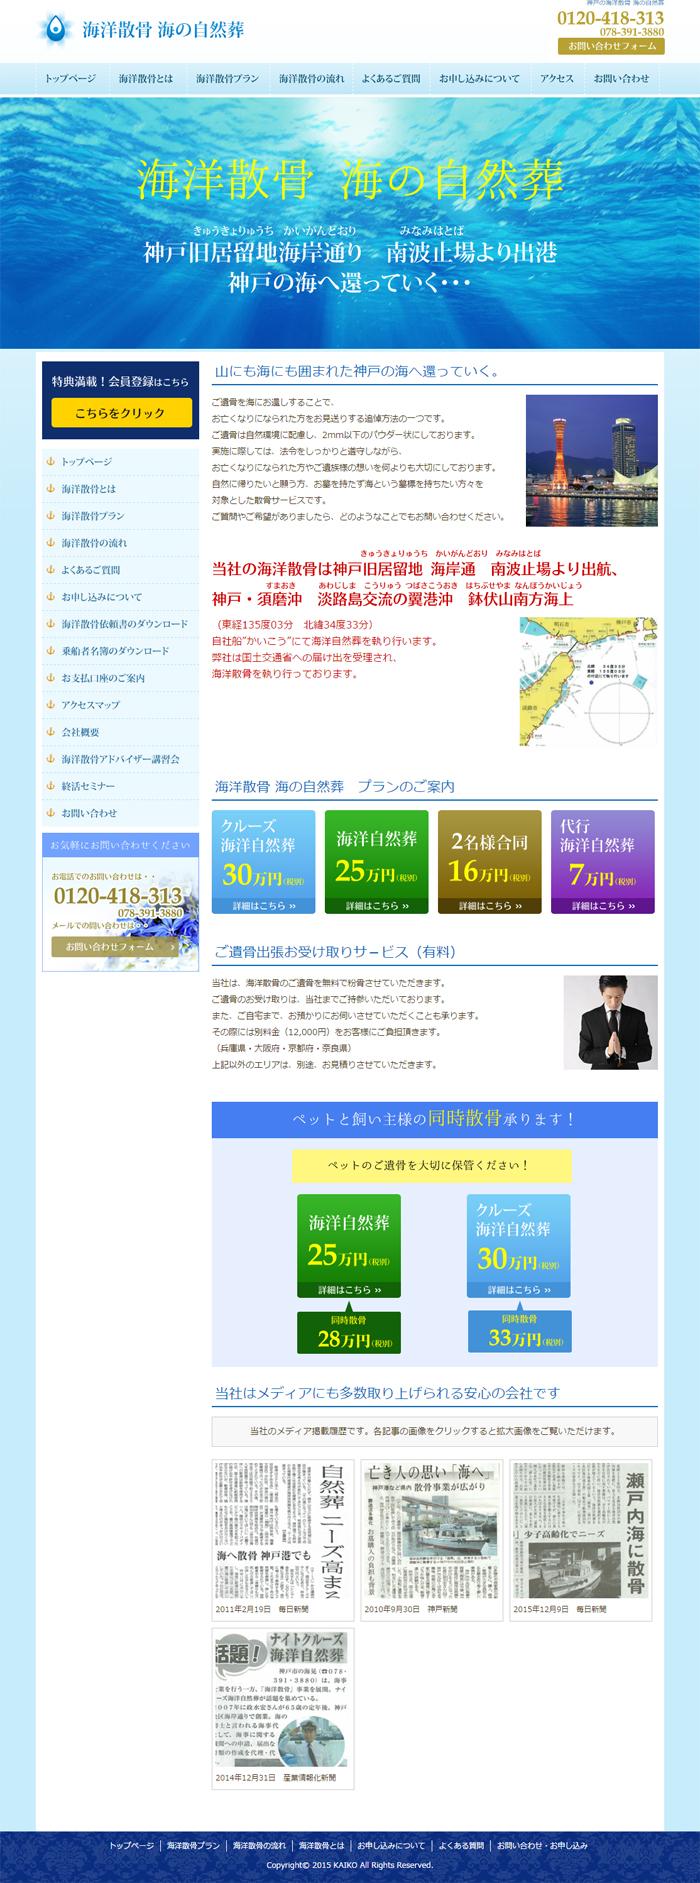 神戸海洋散骨ホームページ制作実績